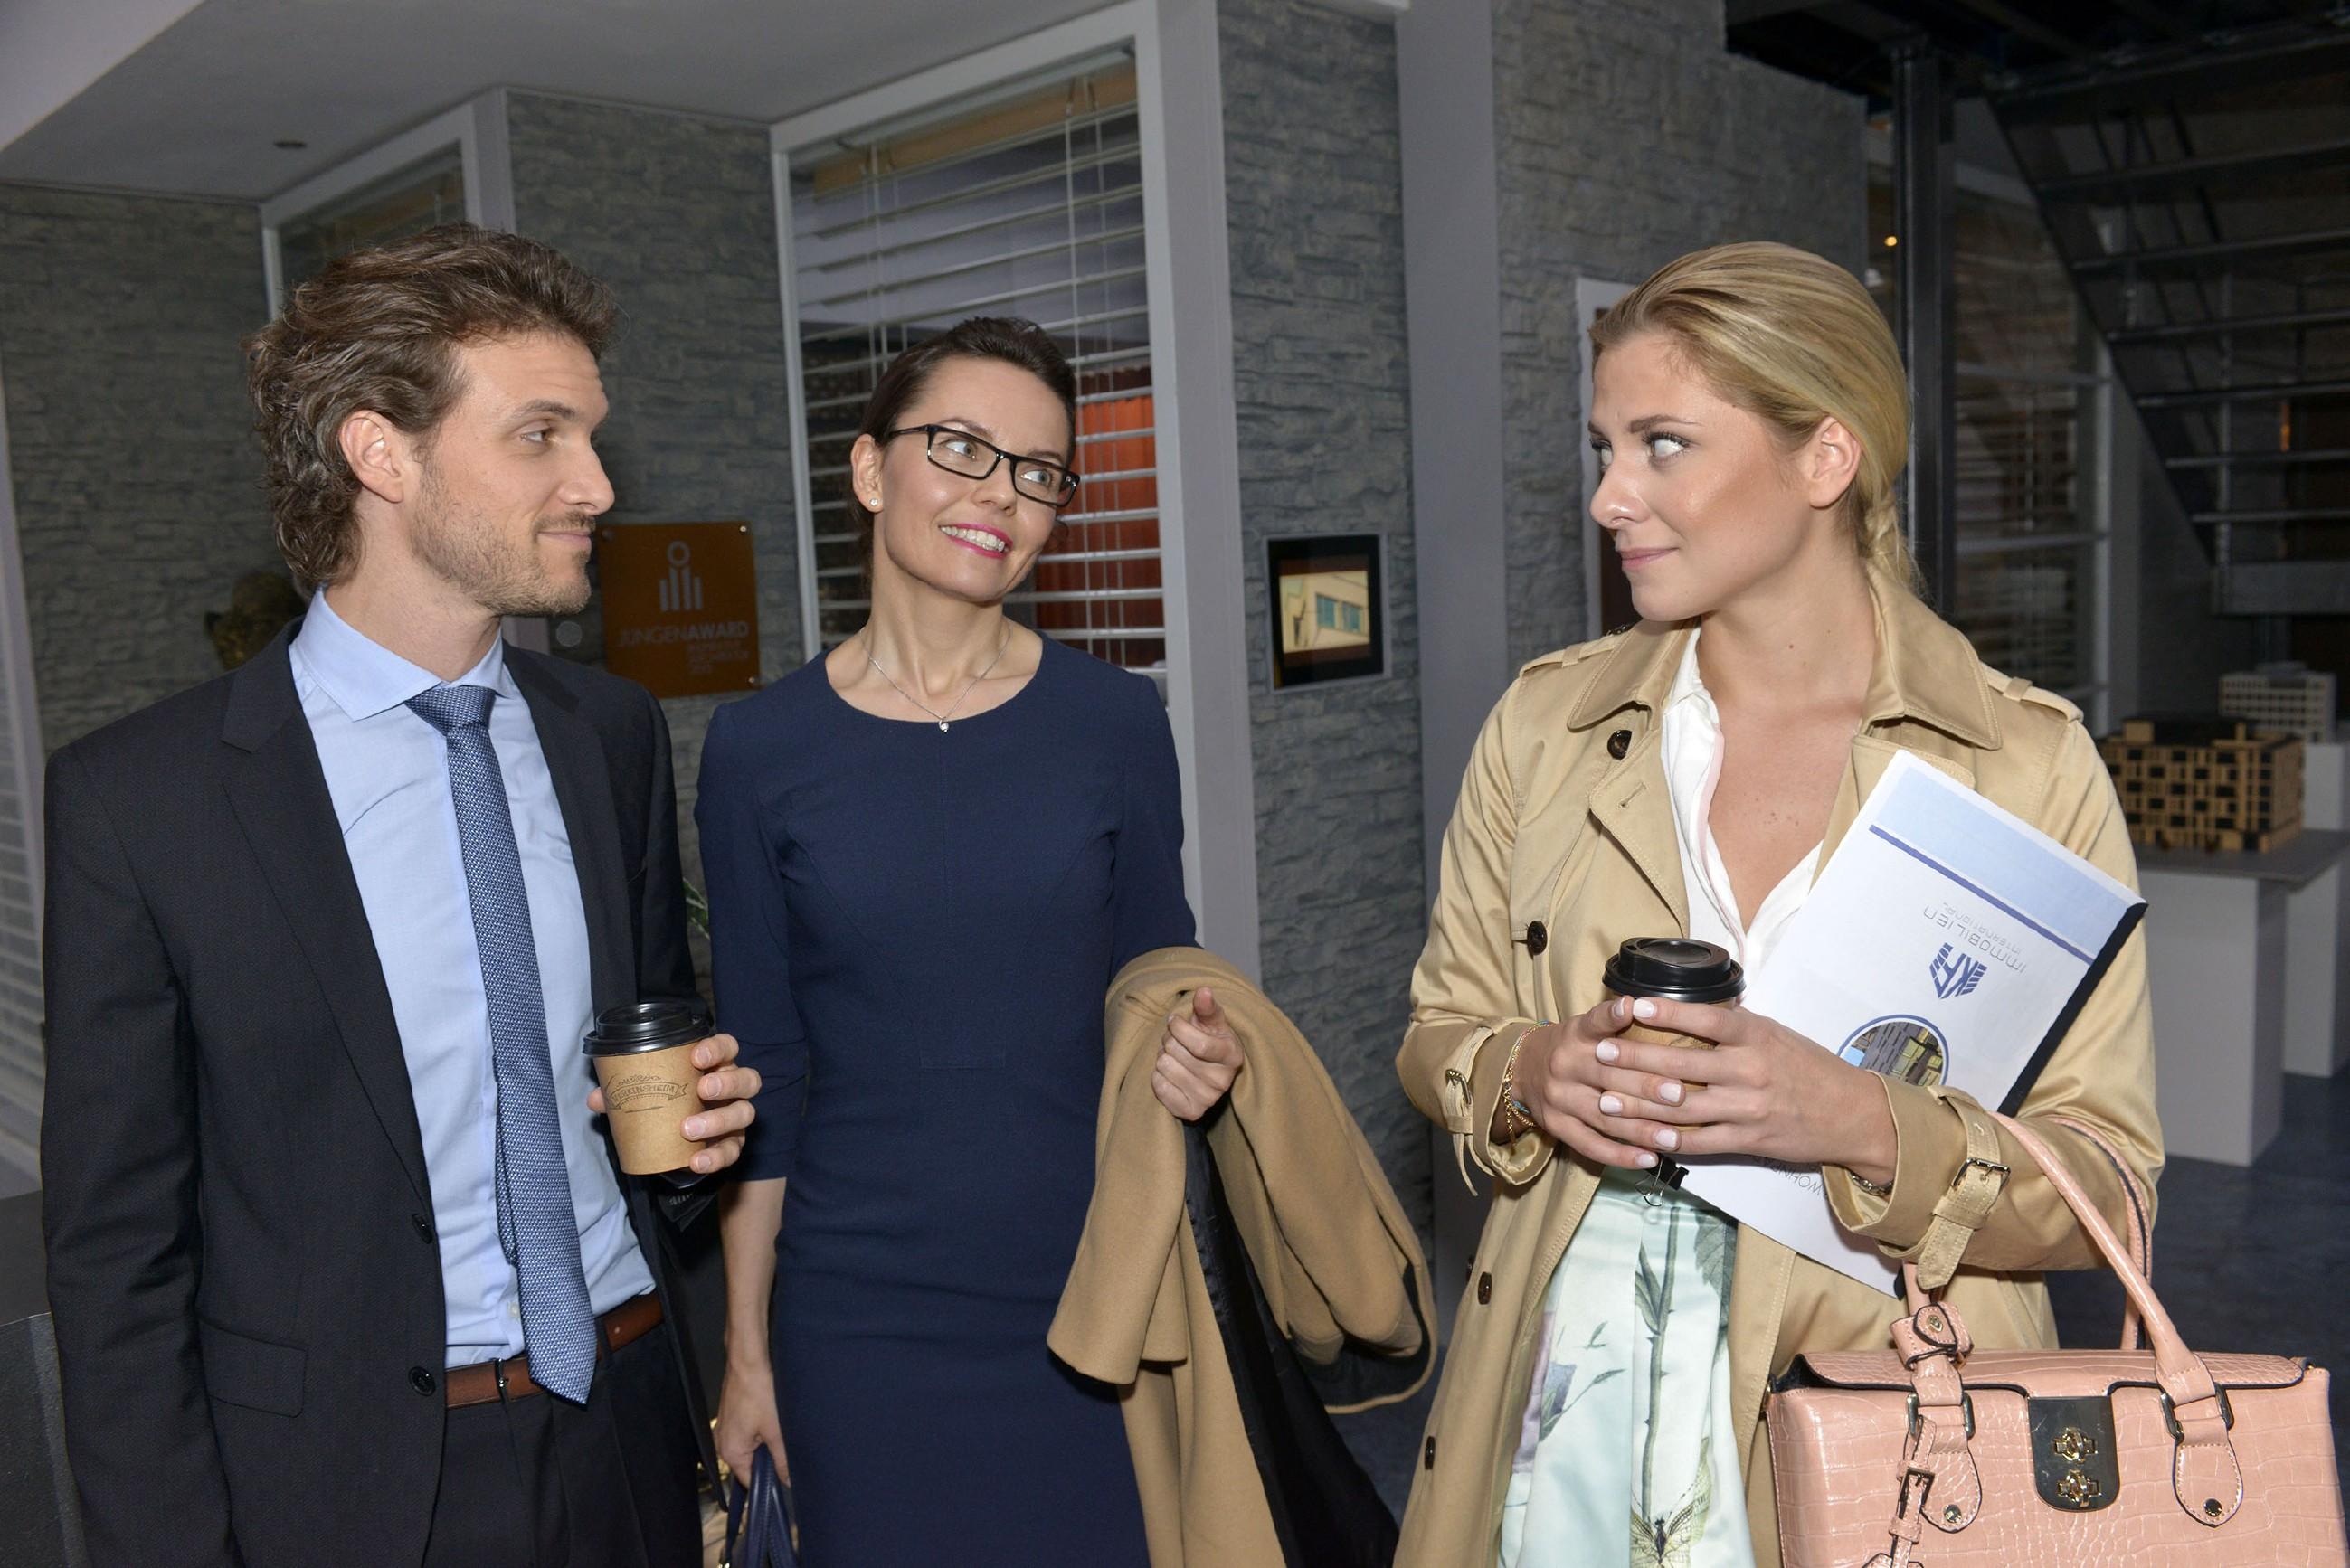 Sunny (Valentina Pahde) trifft im Büro auf Andrea Heinrichs (Yvonne Ernicke) und Felix (Thaddäus Meilinger) und fühlt sich bestätigt, dass Felix ein notorischer Flirter ist. (Quelle: RTL / Rolf Baumgartner)